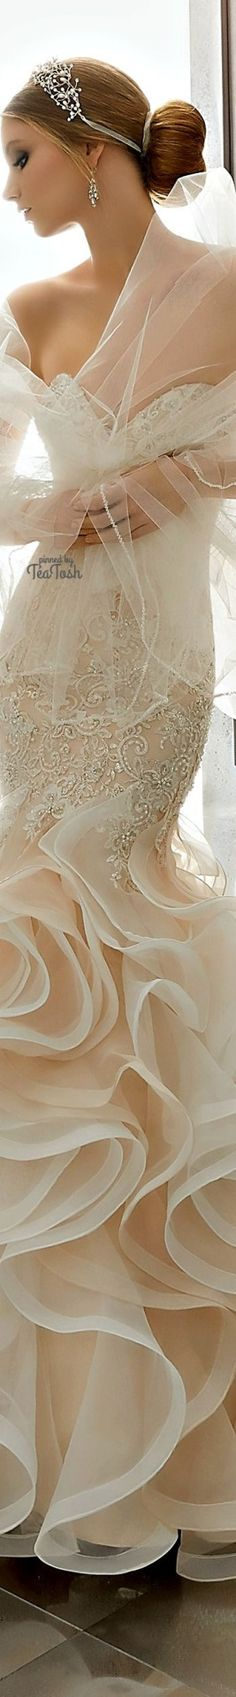 ❇Téa Tosh❇ (Front) Mirjana Wedding Dress Wedding Beauty, Dream Wedding, Bridal Gowns, Wedding Gowns, My Perfect Wedding, Wedding Ties, Rustic Wedding, Bridal Show, Glamorous Wedding